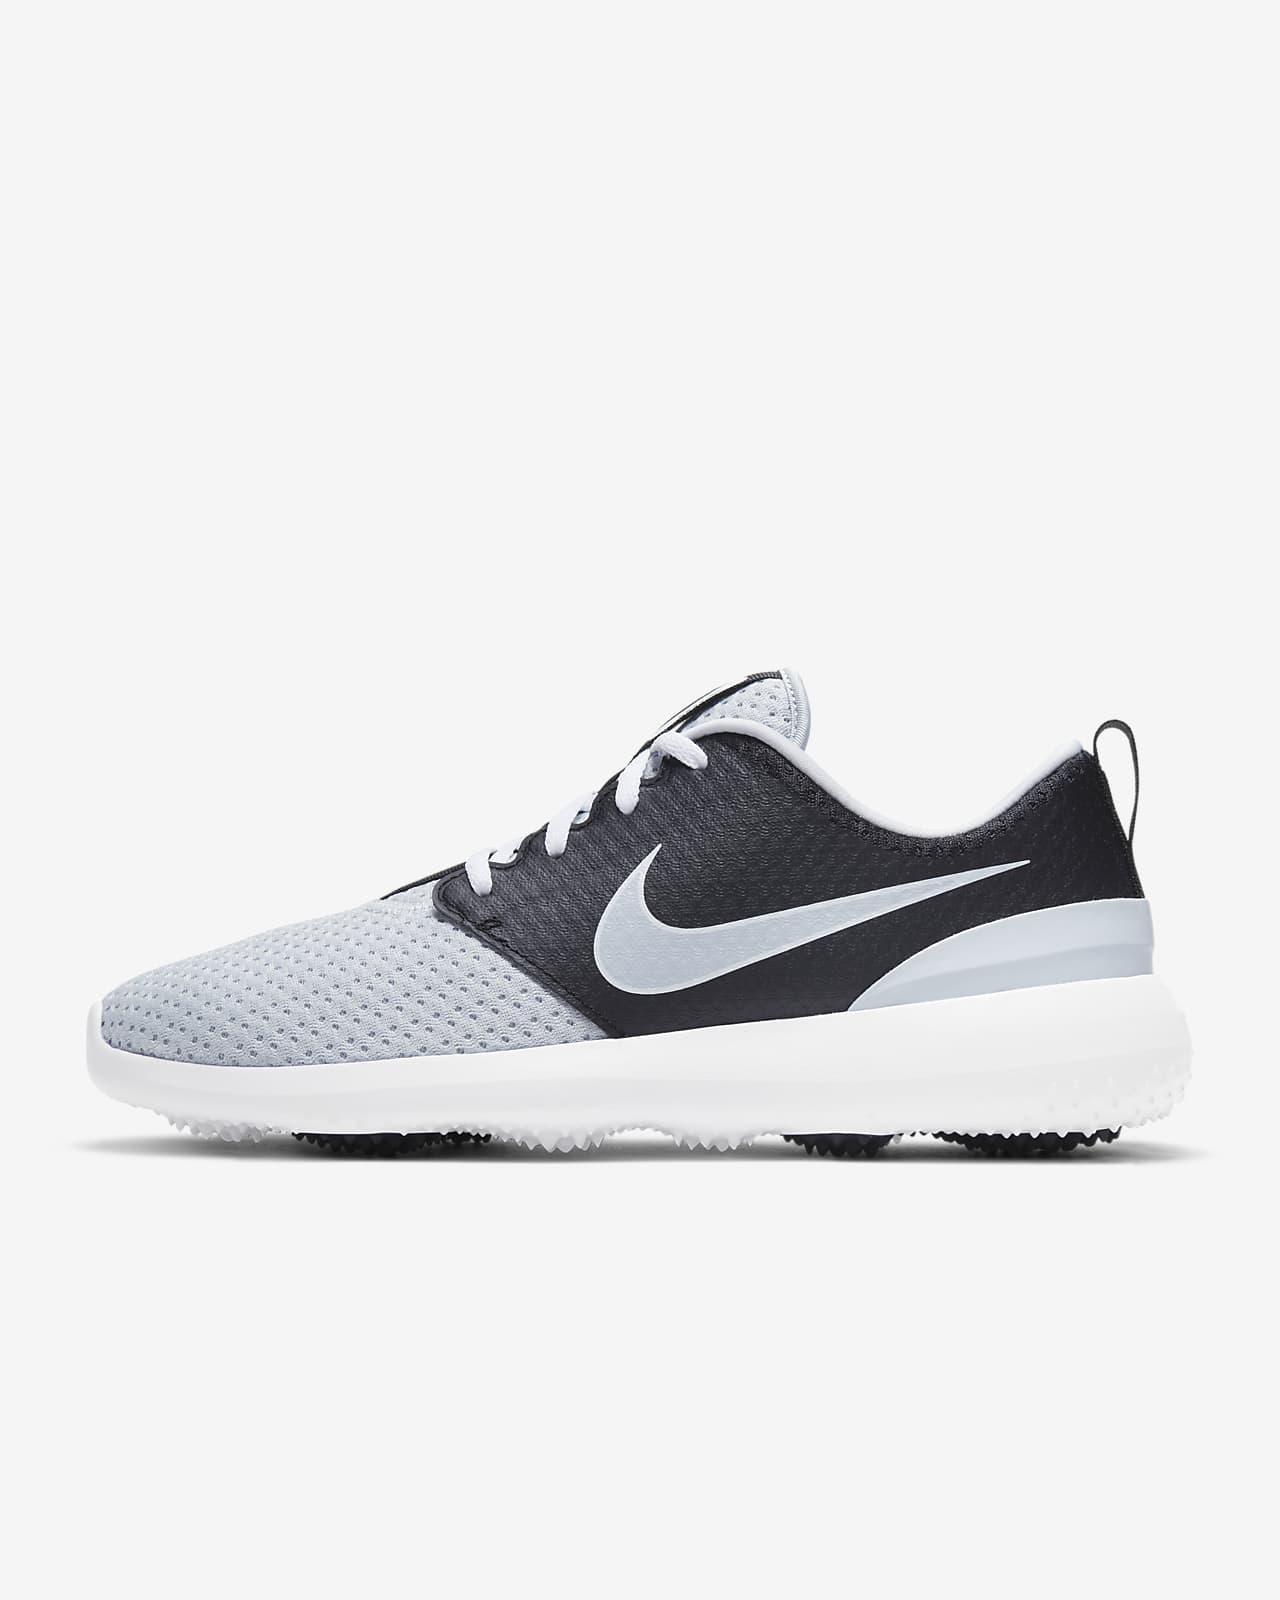 Nike Roshe G Men's Golf Shoes